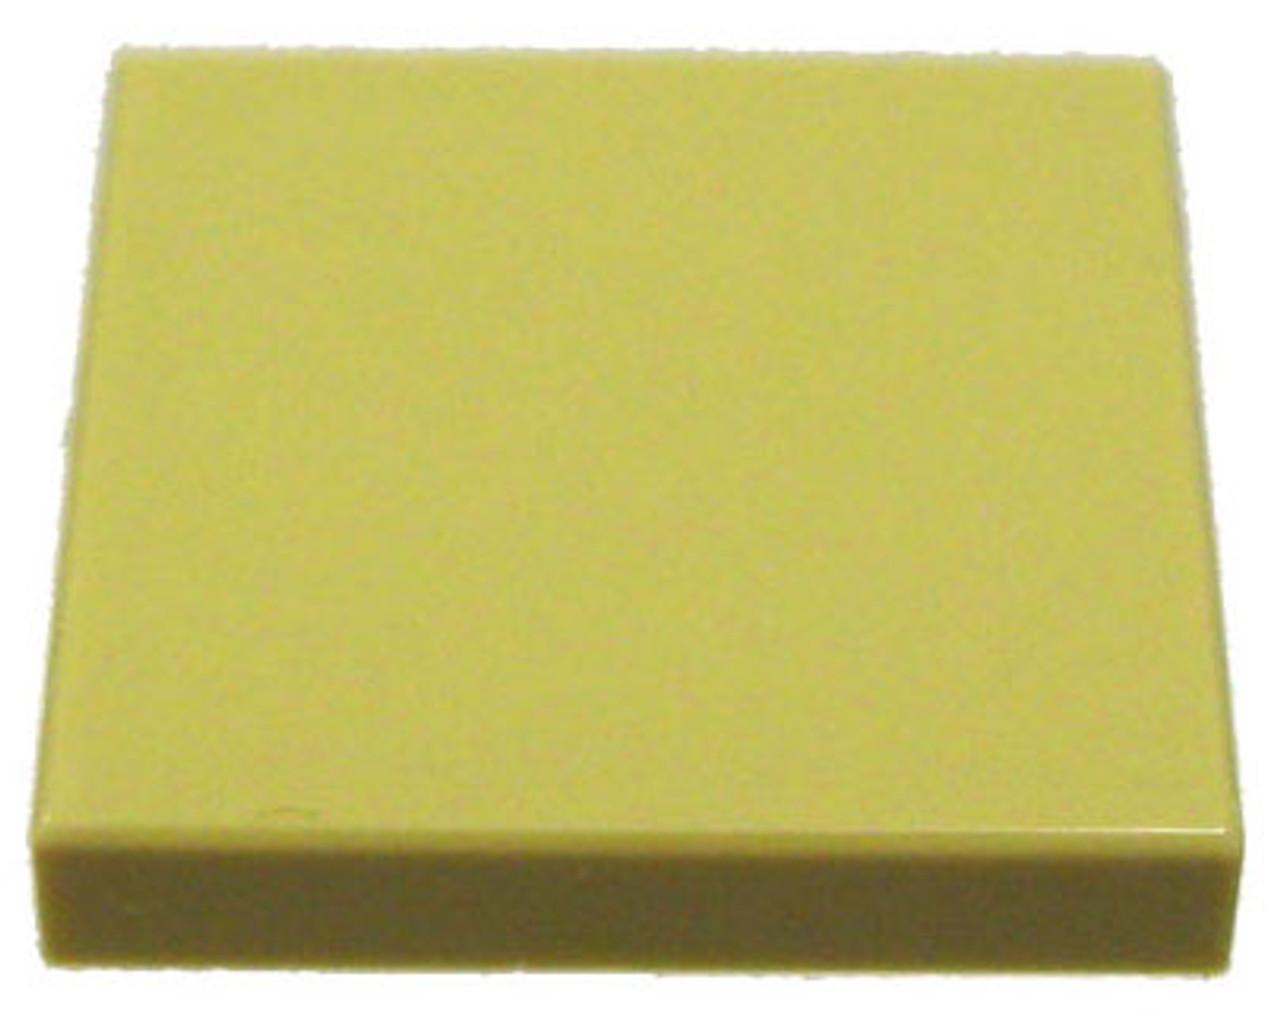 LEGO Pieces 2x2 Flat Light Tan Tile [Loose]